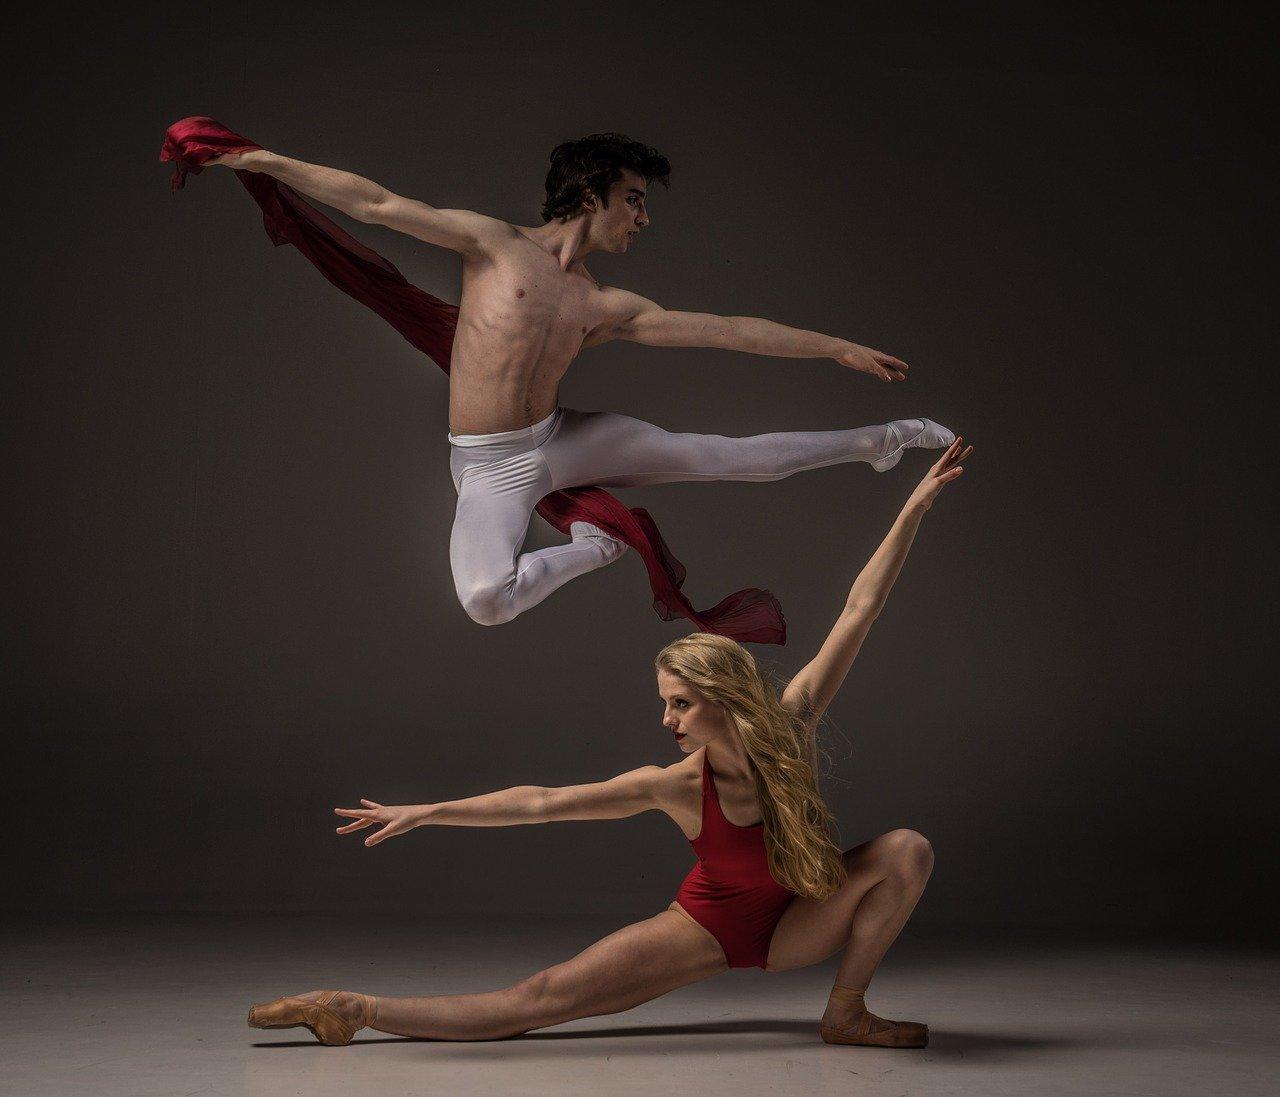 La danse est un sport.